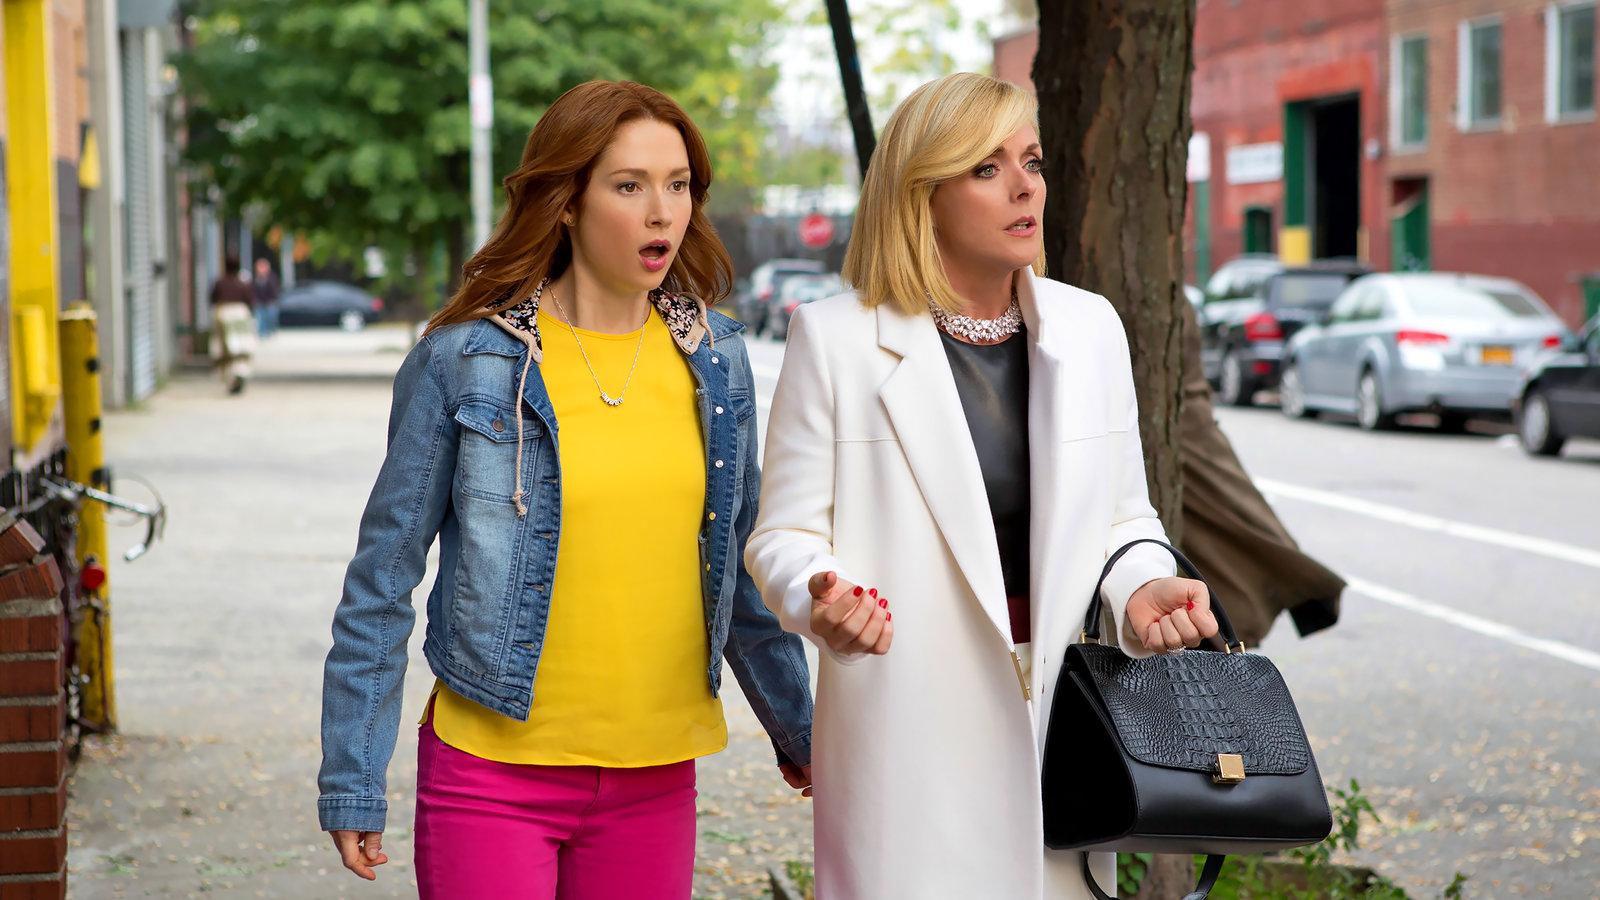 Netflix | 'Unbreakable Kimmy Schmidt' ganhará episódio interativo - cine